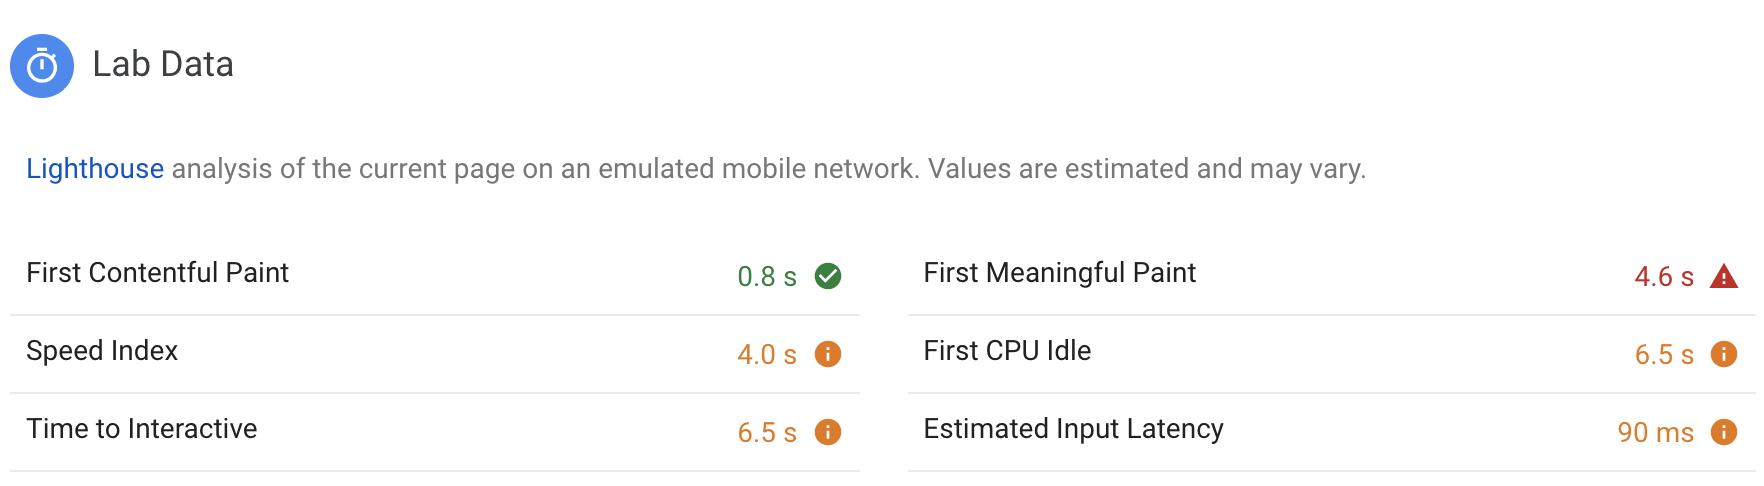 AddyOsmani com - Web Page Usability Matters